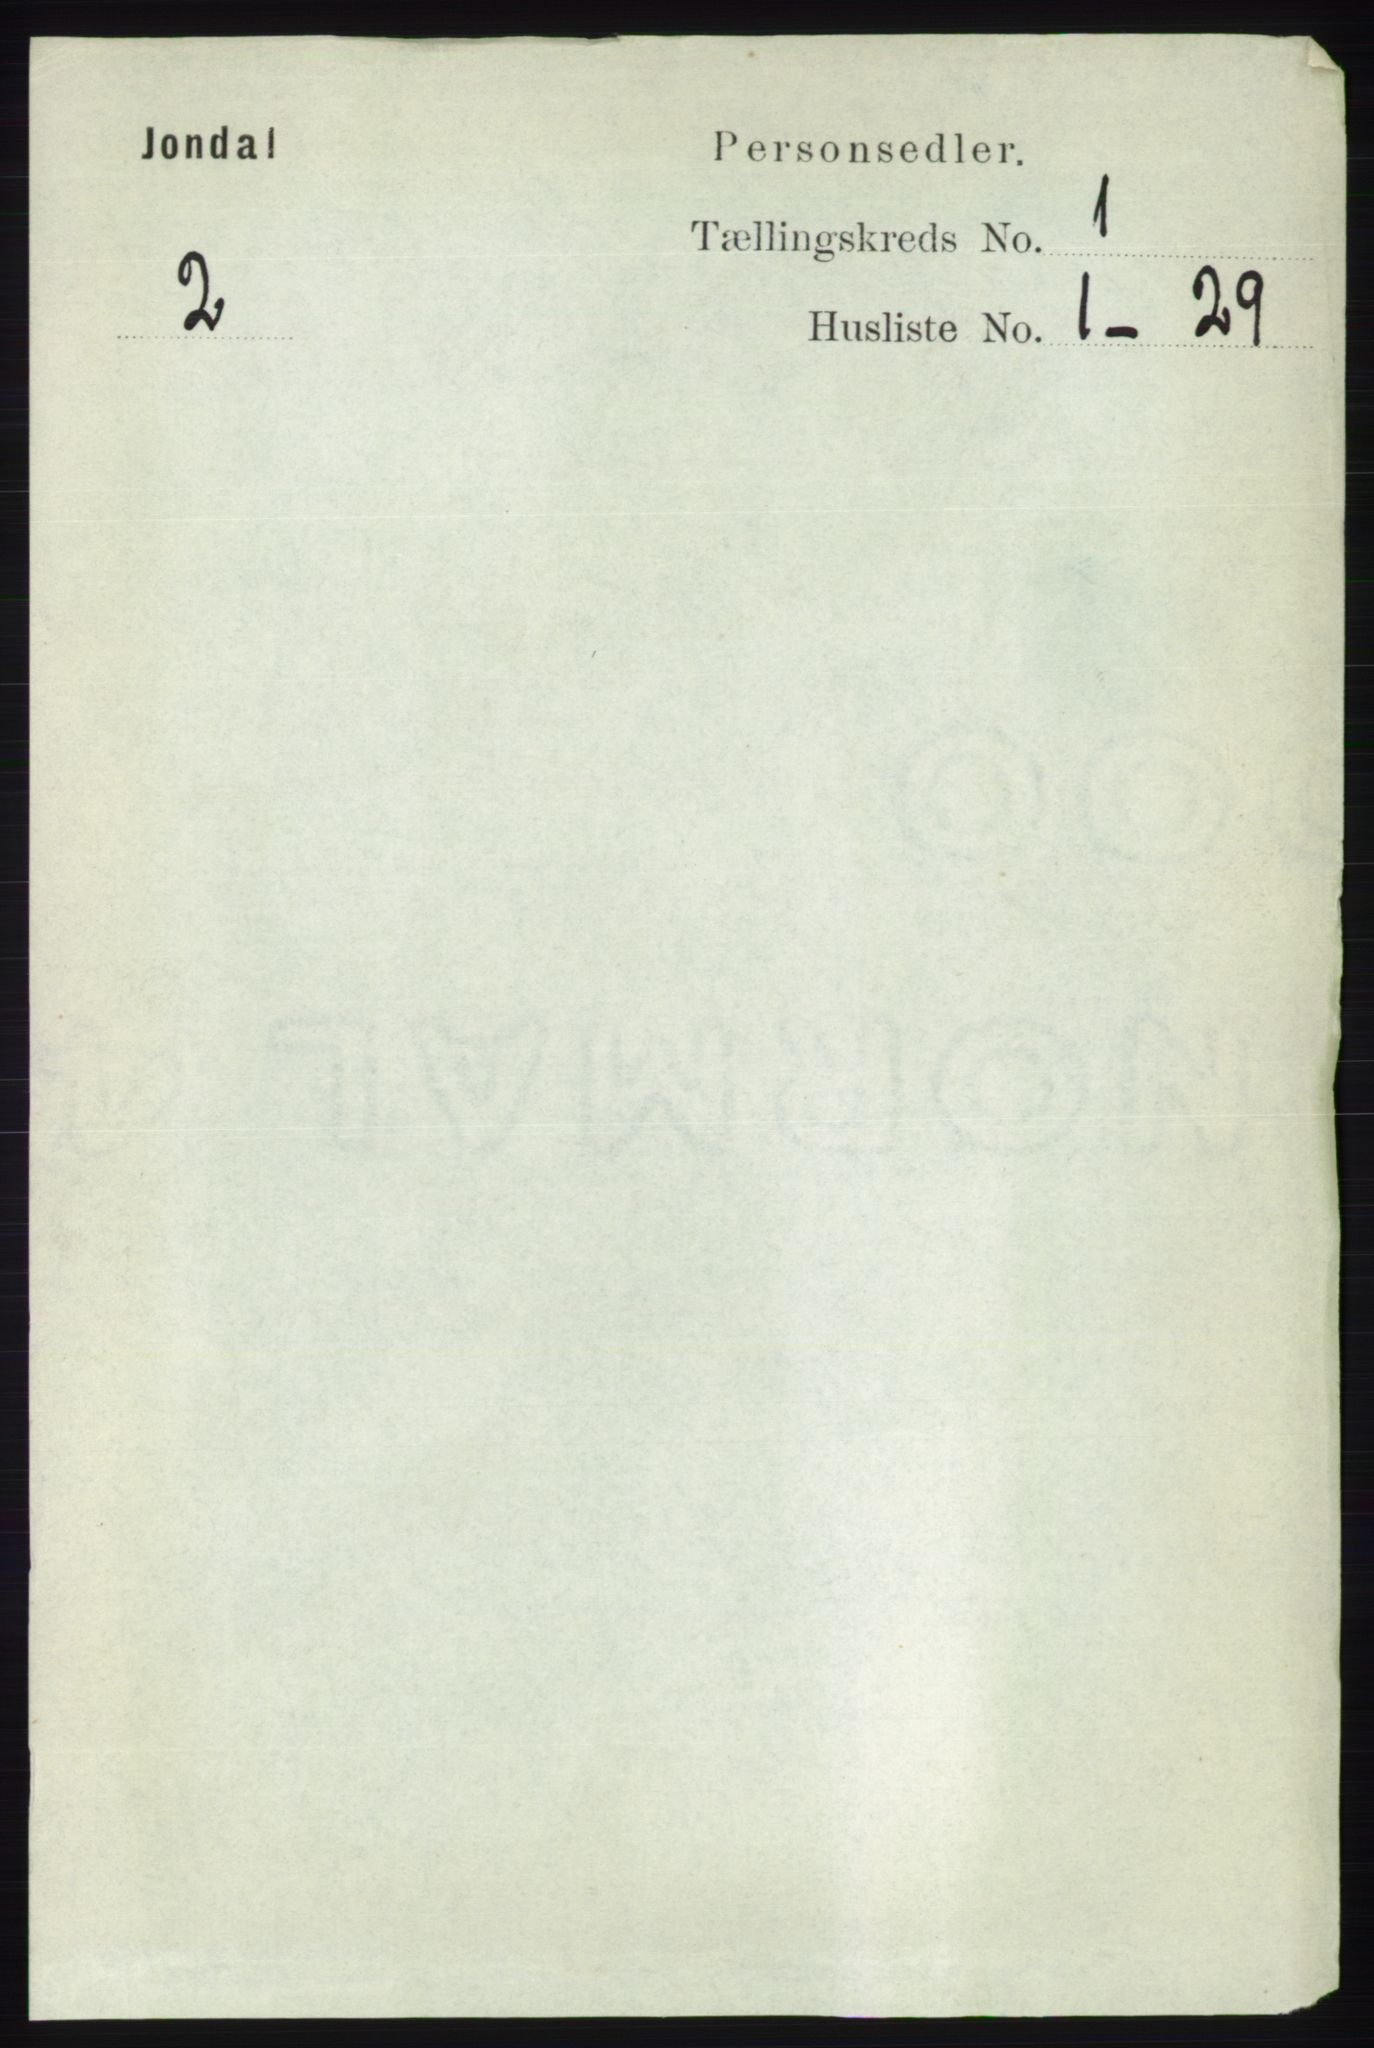 RA, Folketelling 1891 for 1227 Jondal herred, 1891, s. 137